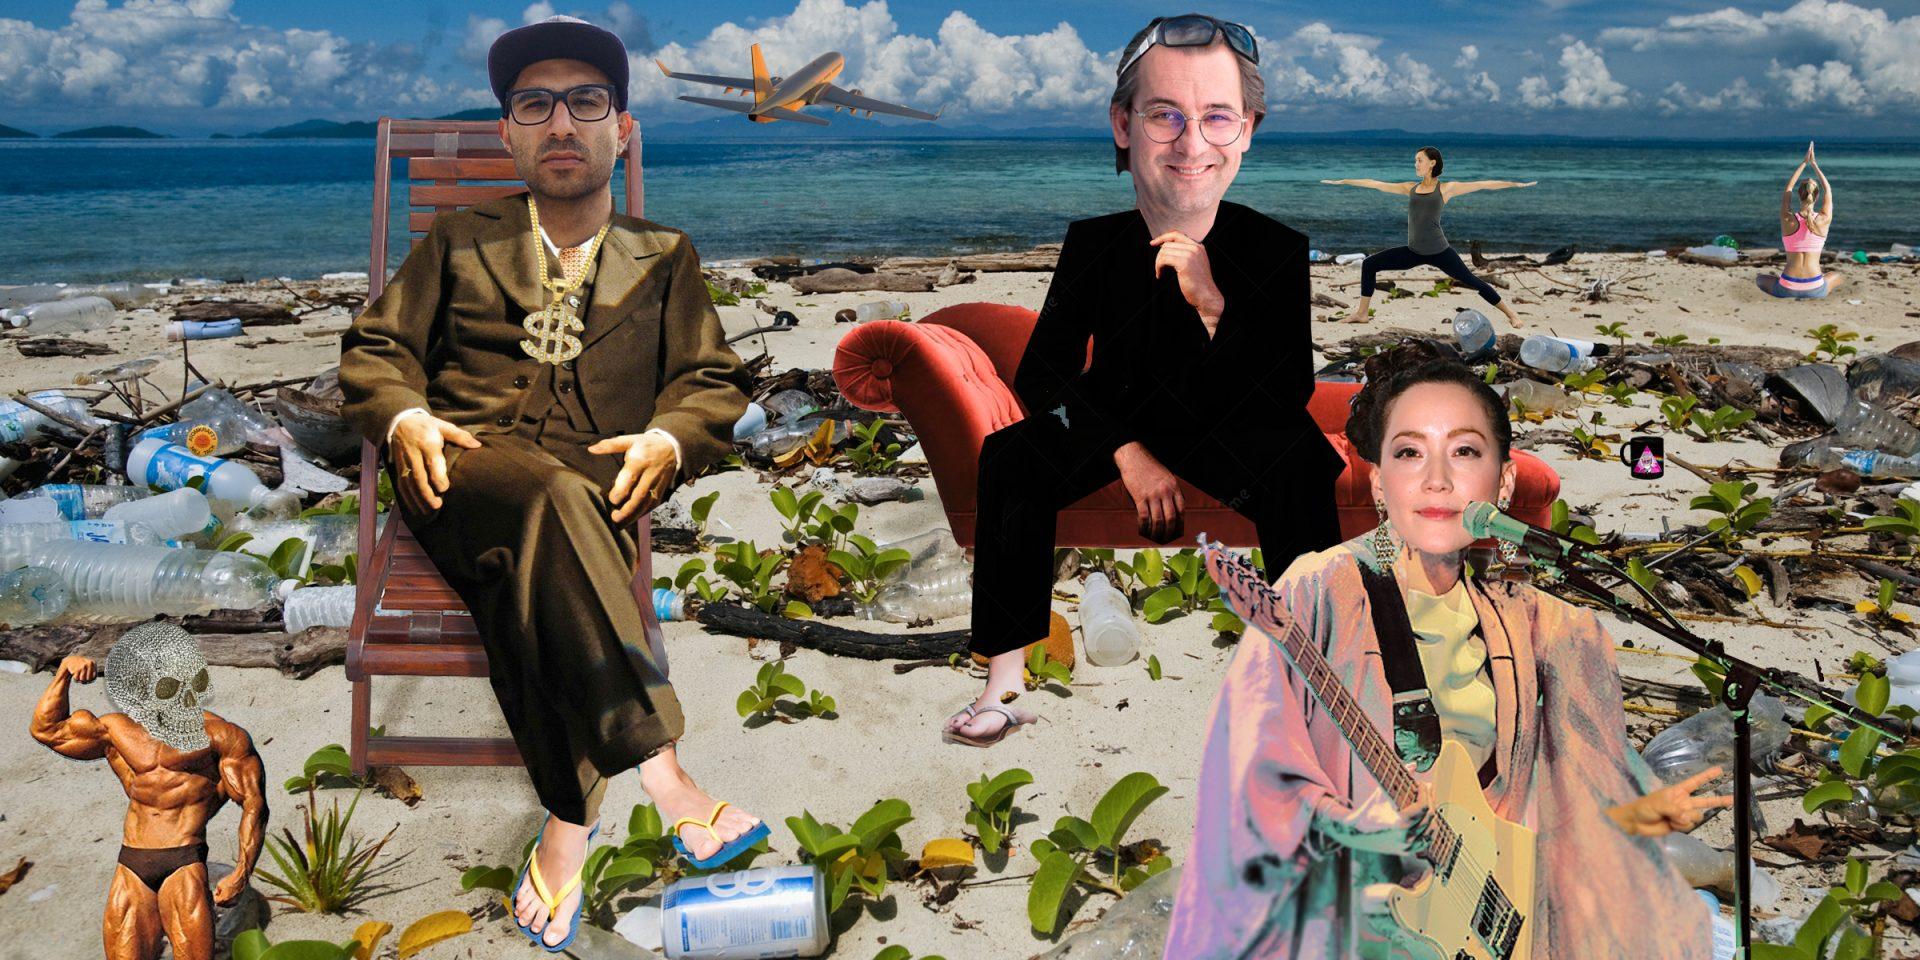 Lyssna på terapisessionen om klimatet med Ahmed Al-Qassam, Sasja Beslik och Maia Hirasawa.